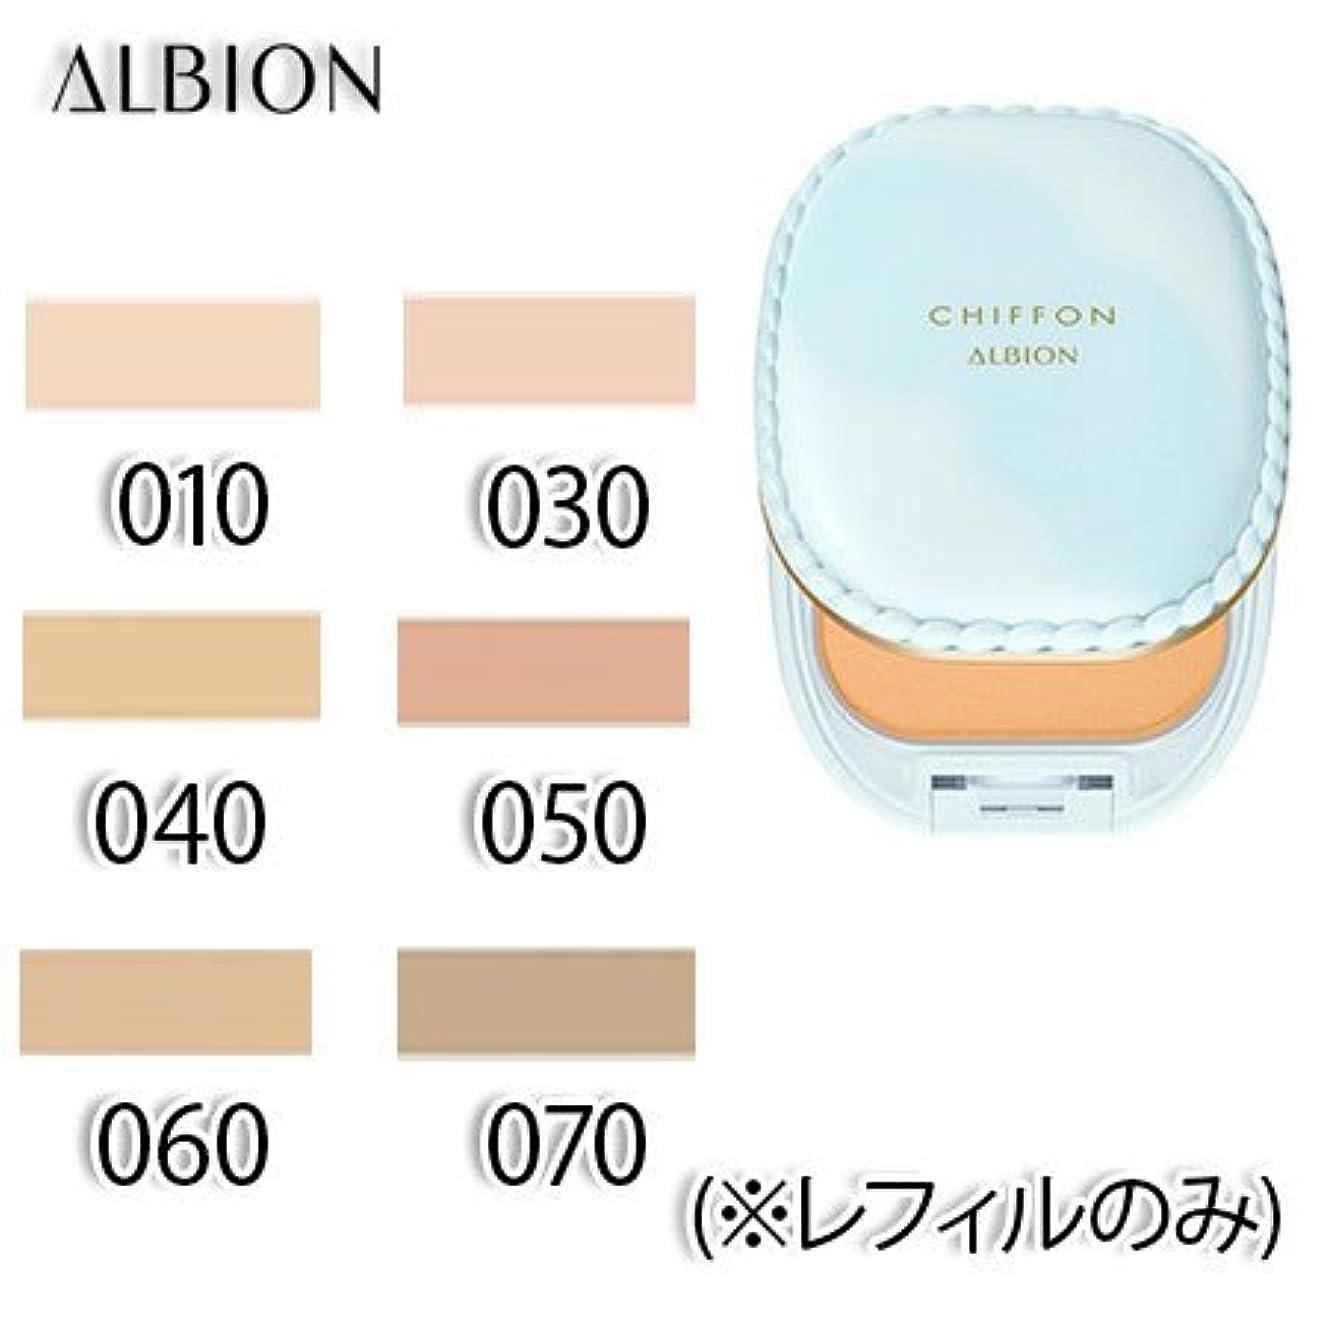 野生クラッシュ要求アルビオン スノー ホワイト シフォン 全6色 SPF25?PA++ 10g (レフィルのみ) -ALBION- 050